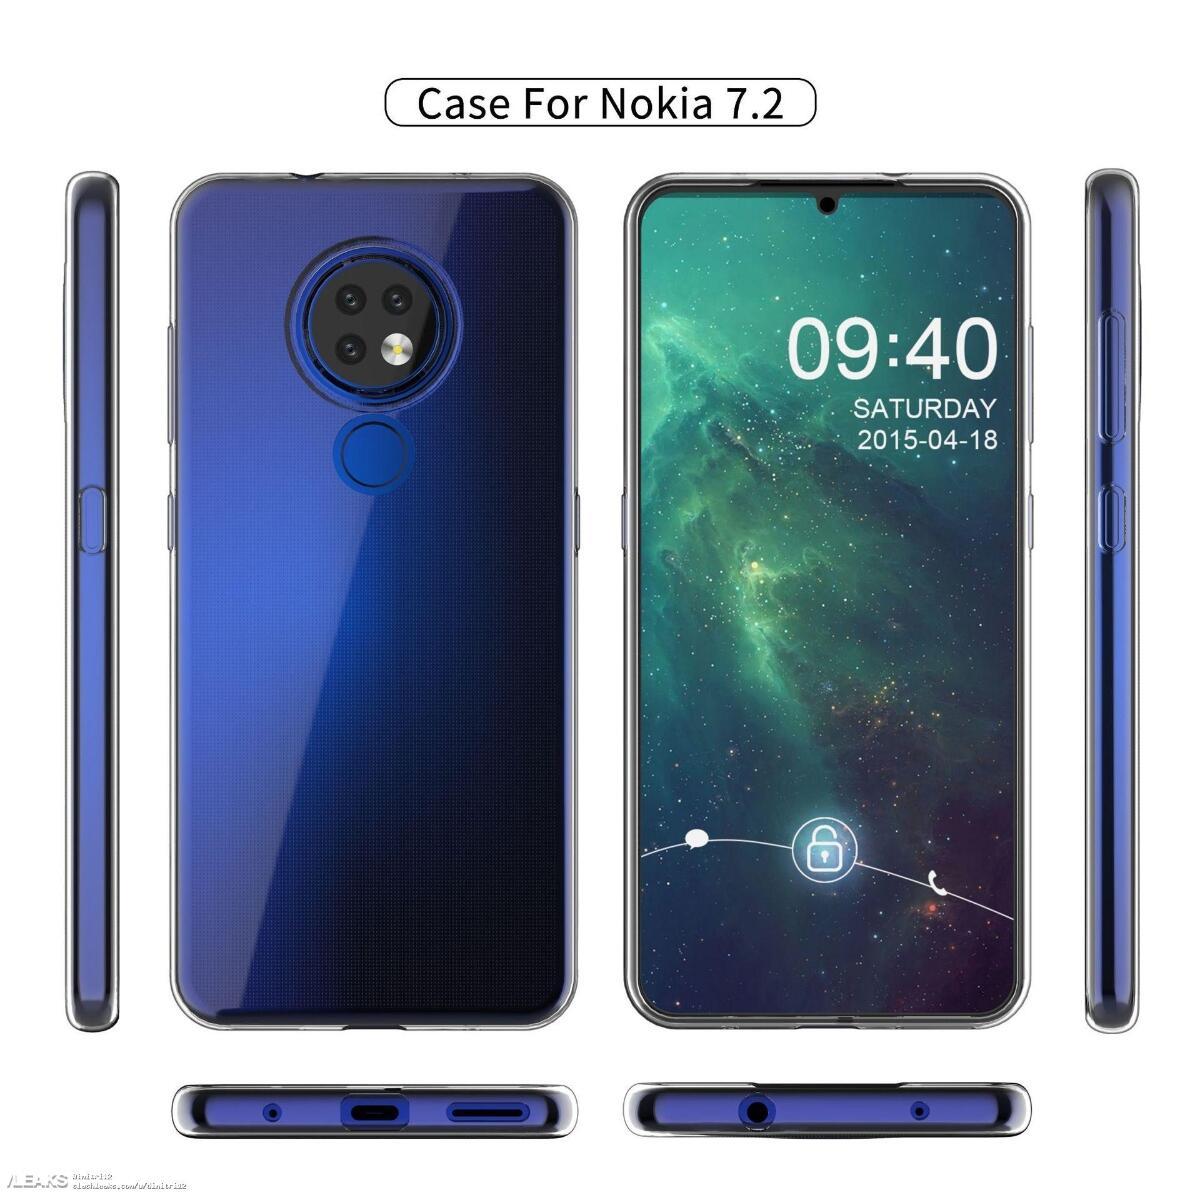 Nokia 7.2 Case Leak Alle Seiten